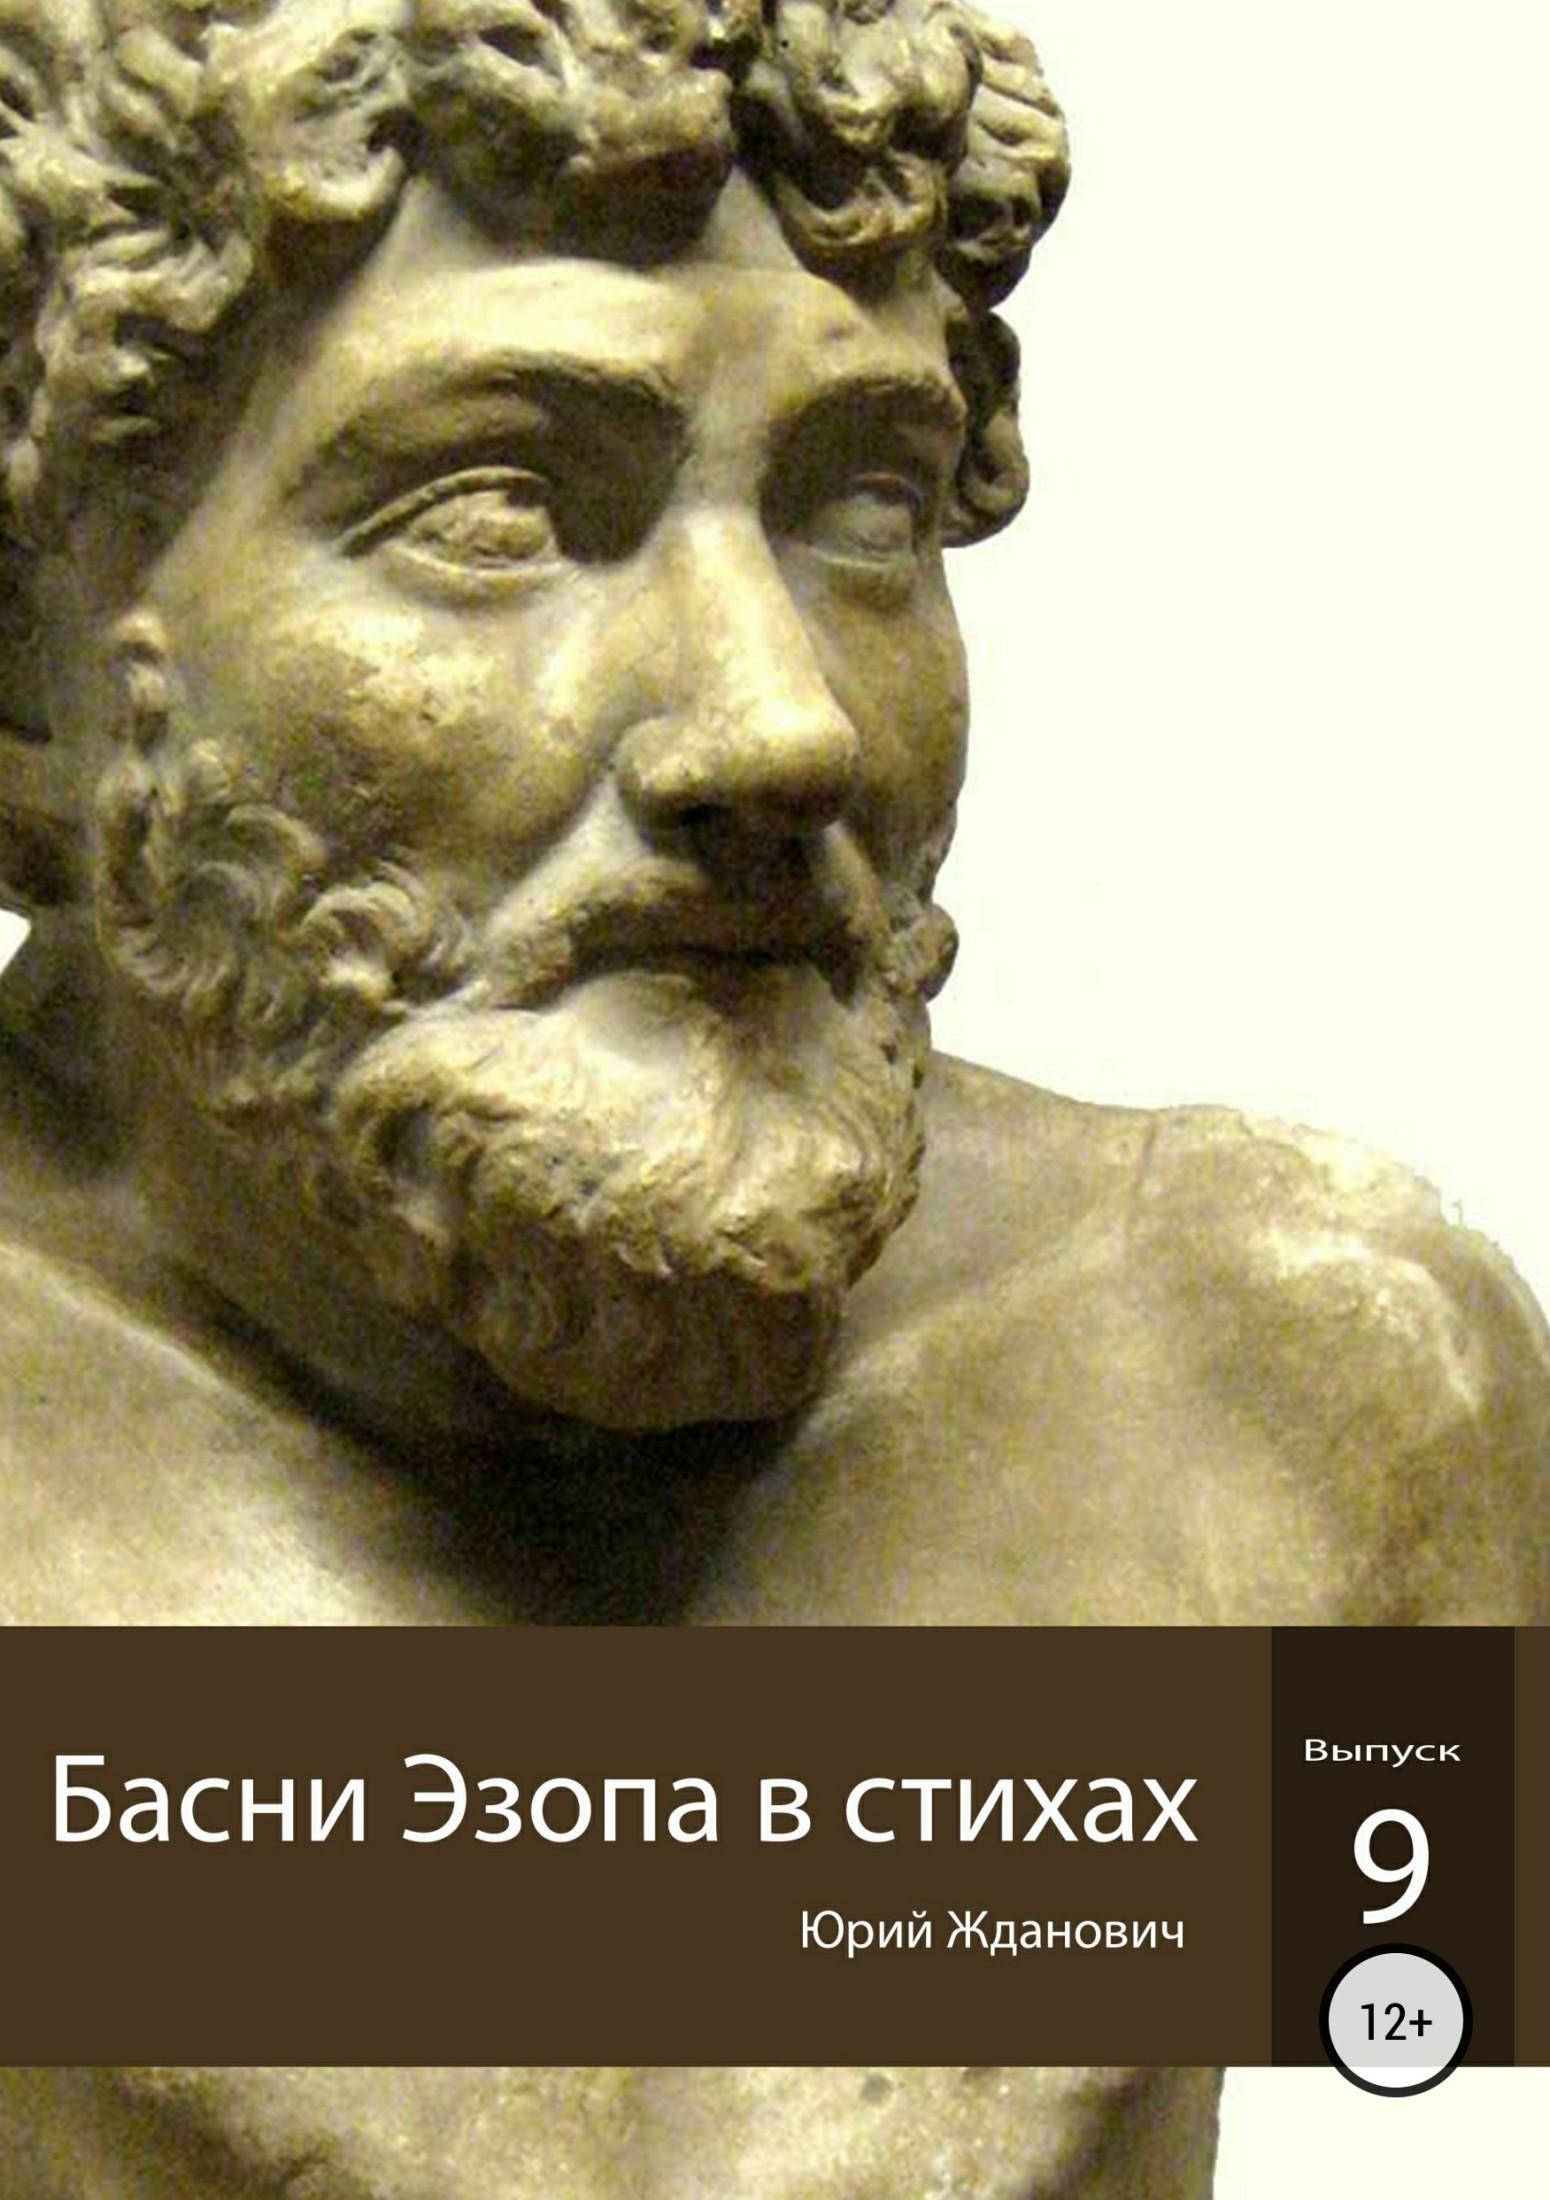 Басни Эзопа в стихах. Выпуск 9